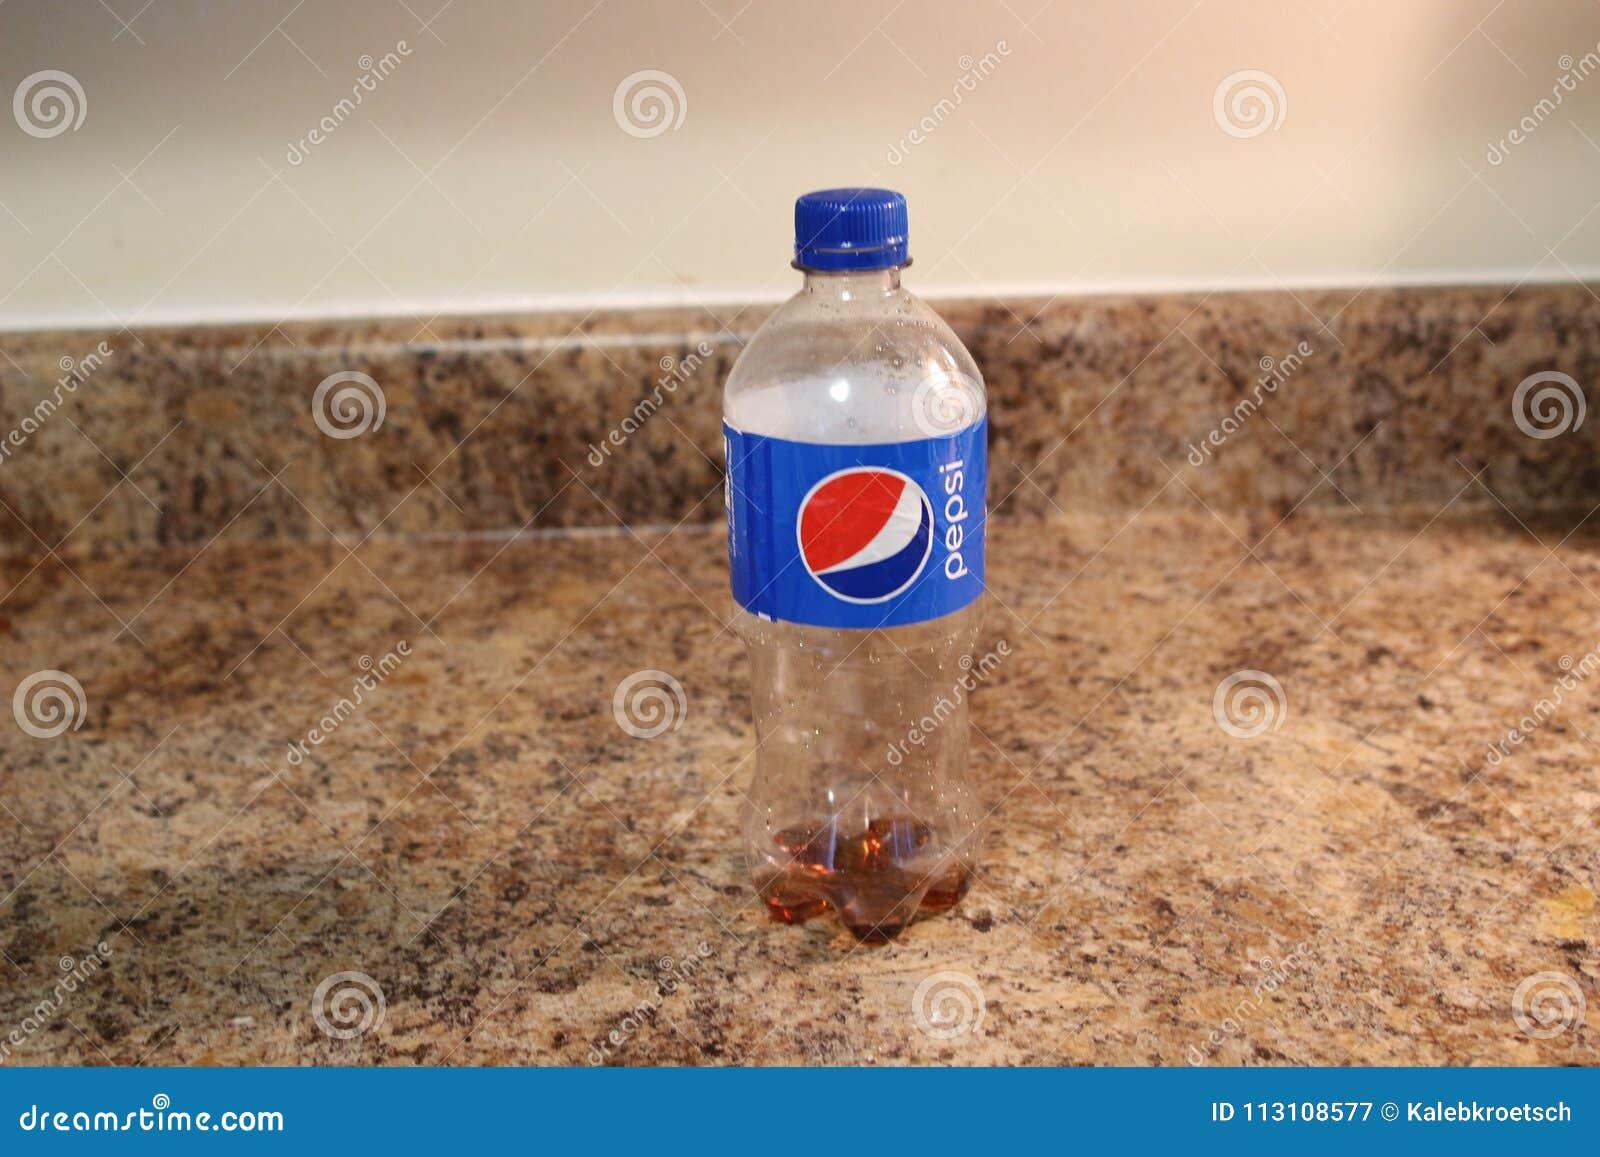 伦敦加拿大, 2018年3月19日:社论说明百事可乐软饮料 百事可乐是导致的碳酸化合的软饮料和